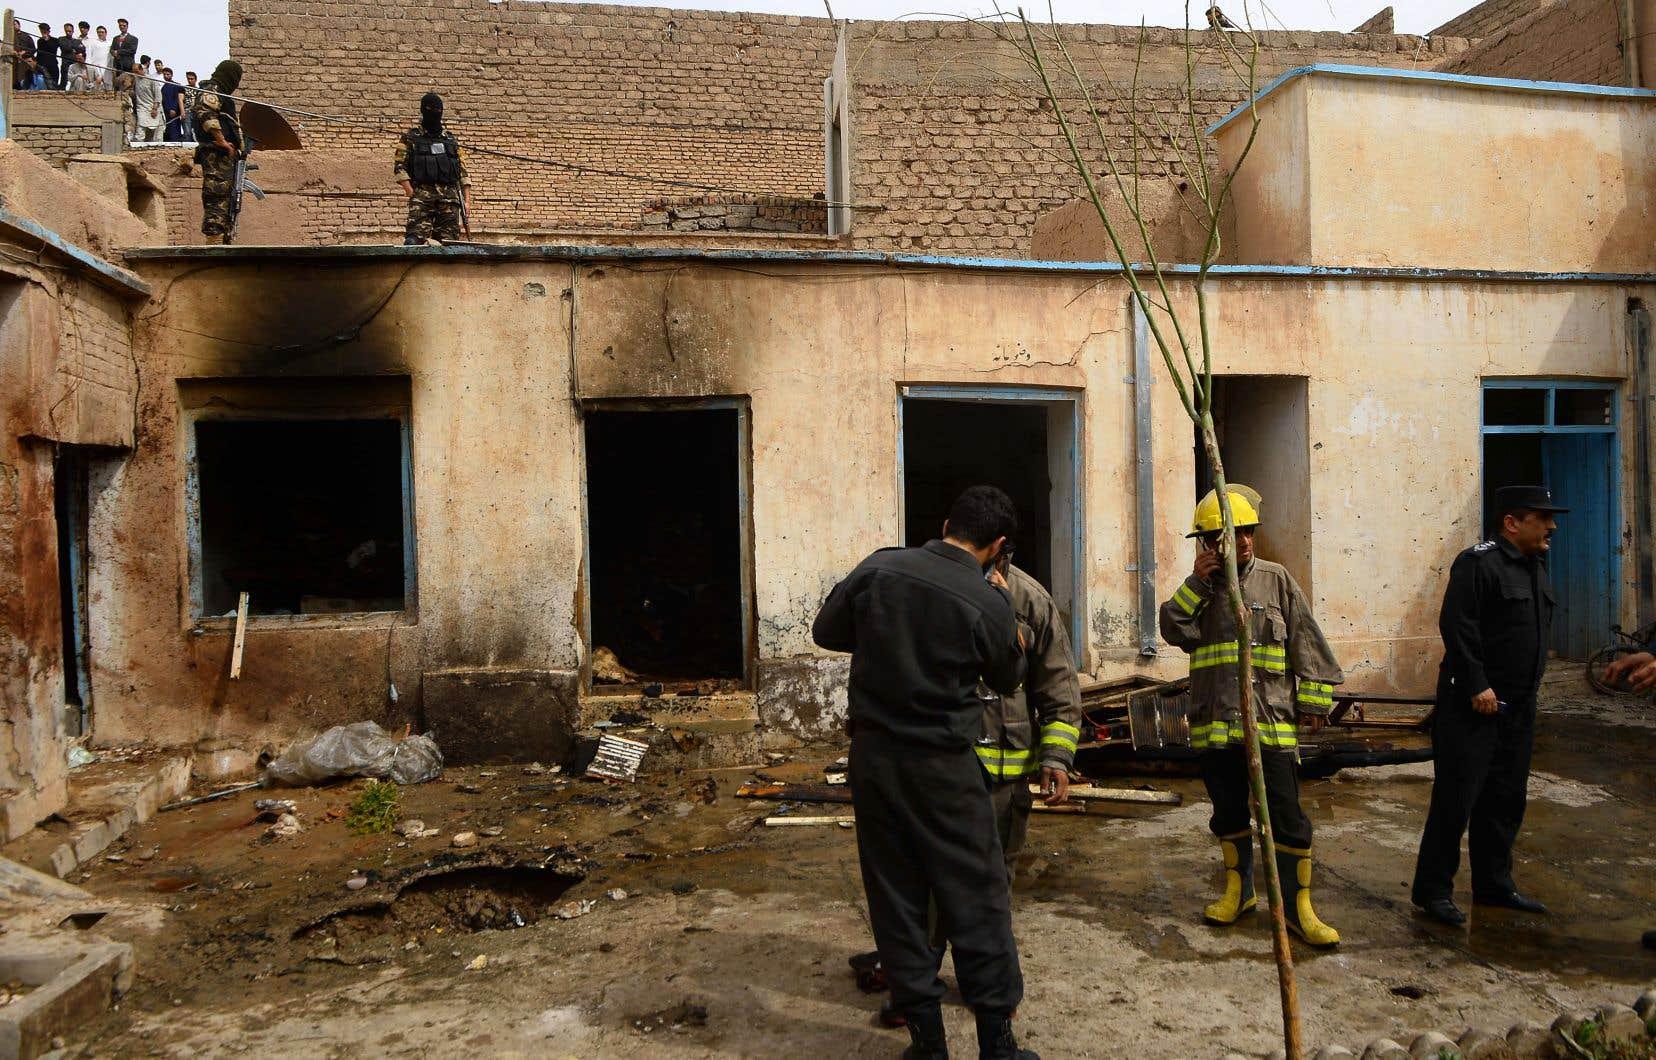 Le secteur de l'attentat, qui a fait un mort et huit blessés, a été bouclé par la police.